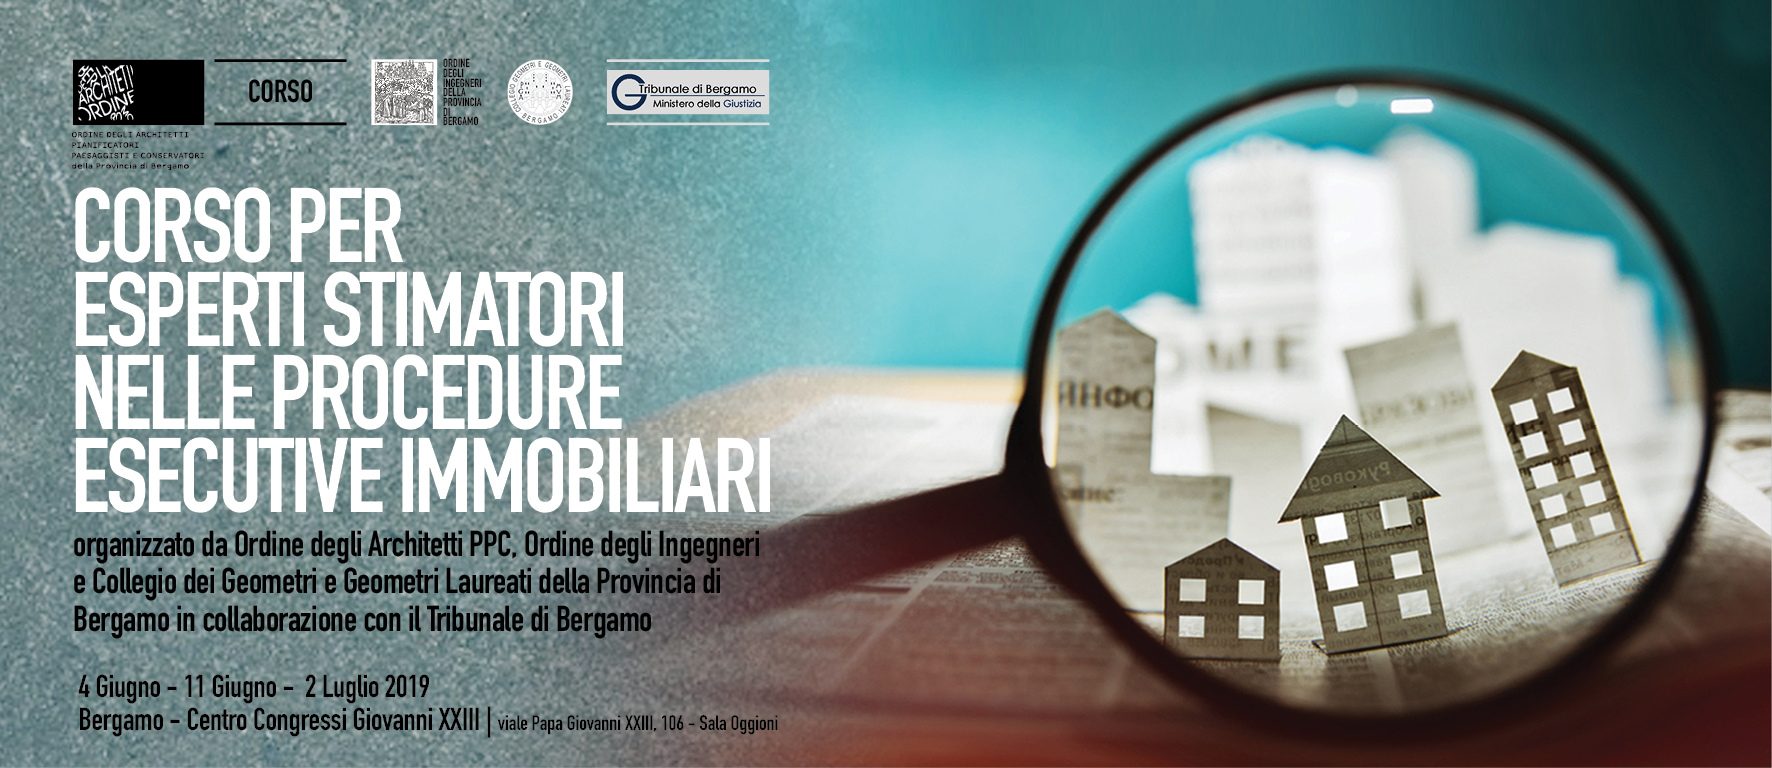 Ordine Architetti Brescia Lavoro corso esperti estimatori | ordine degli architetti